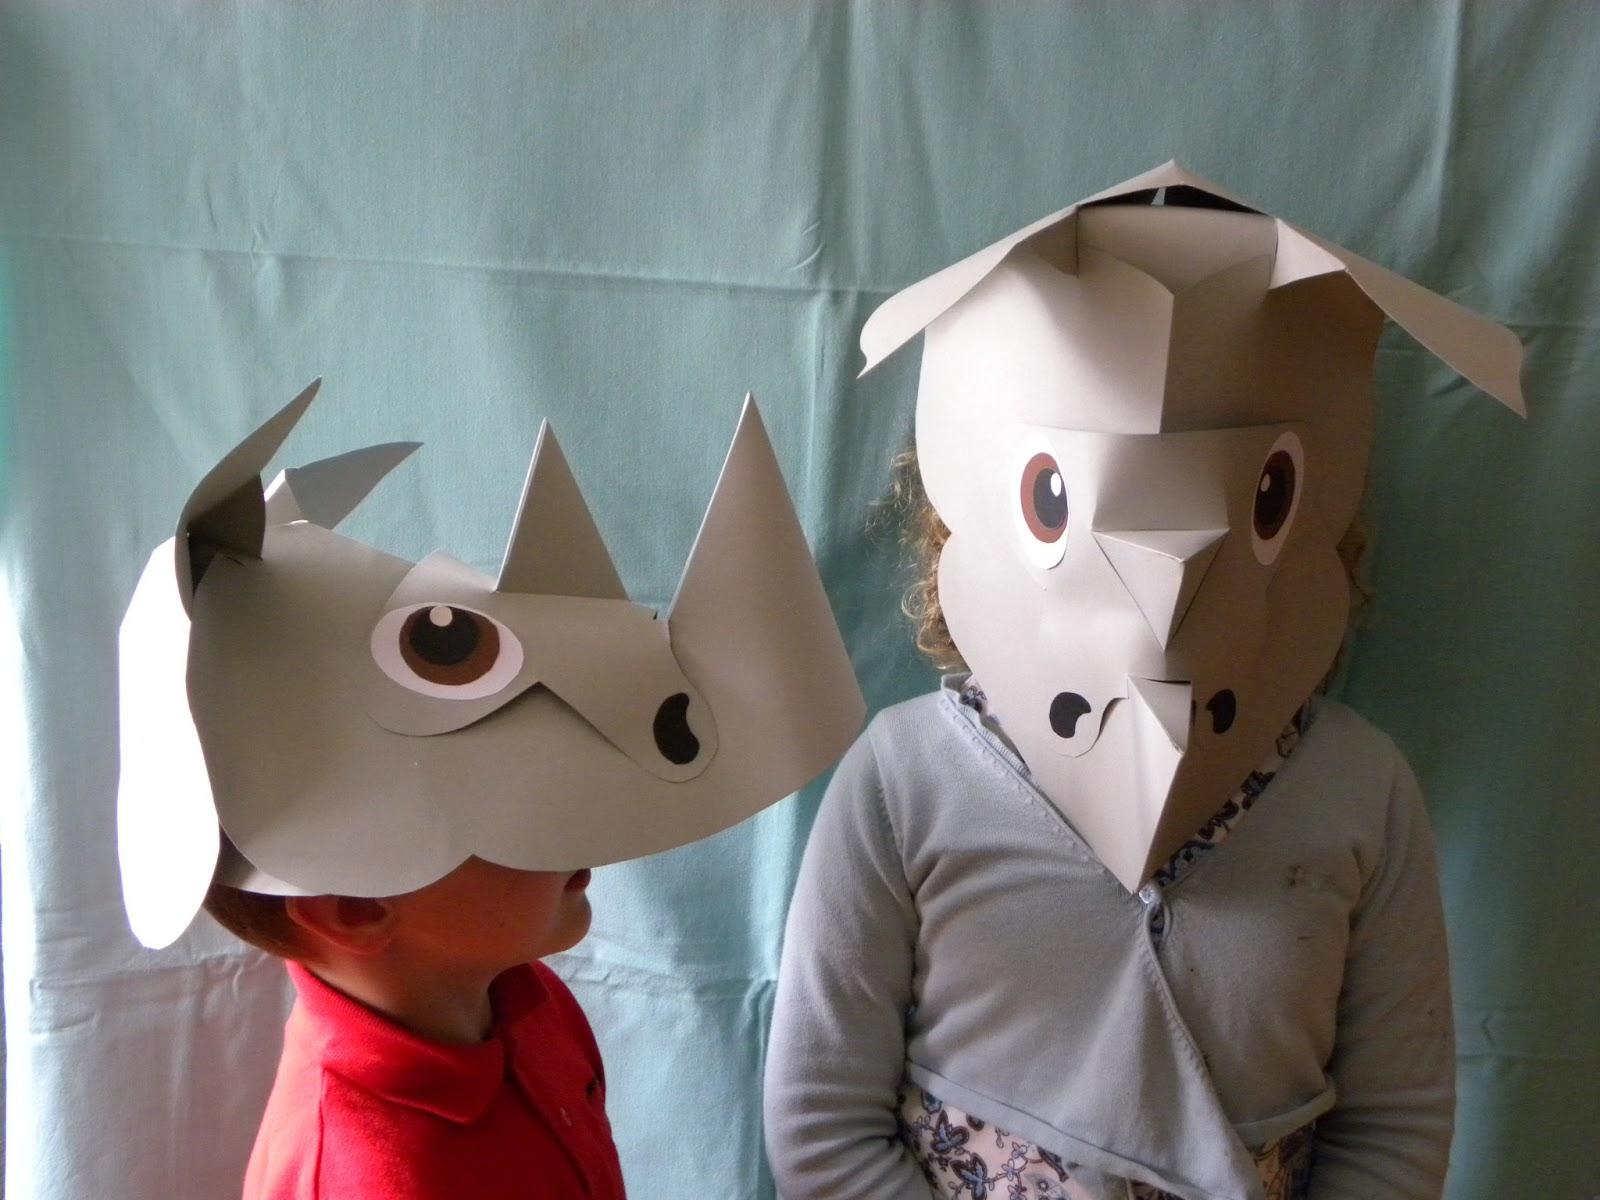 Mit Freude gemacht: Masken die 3